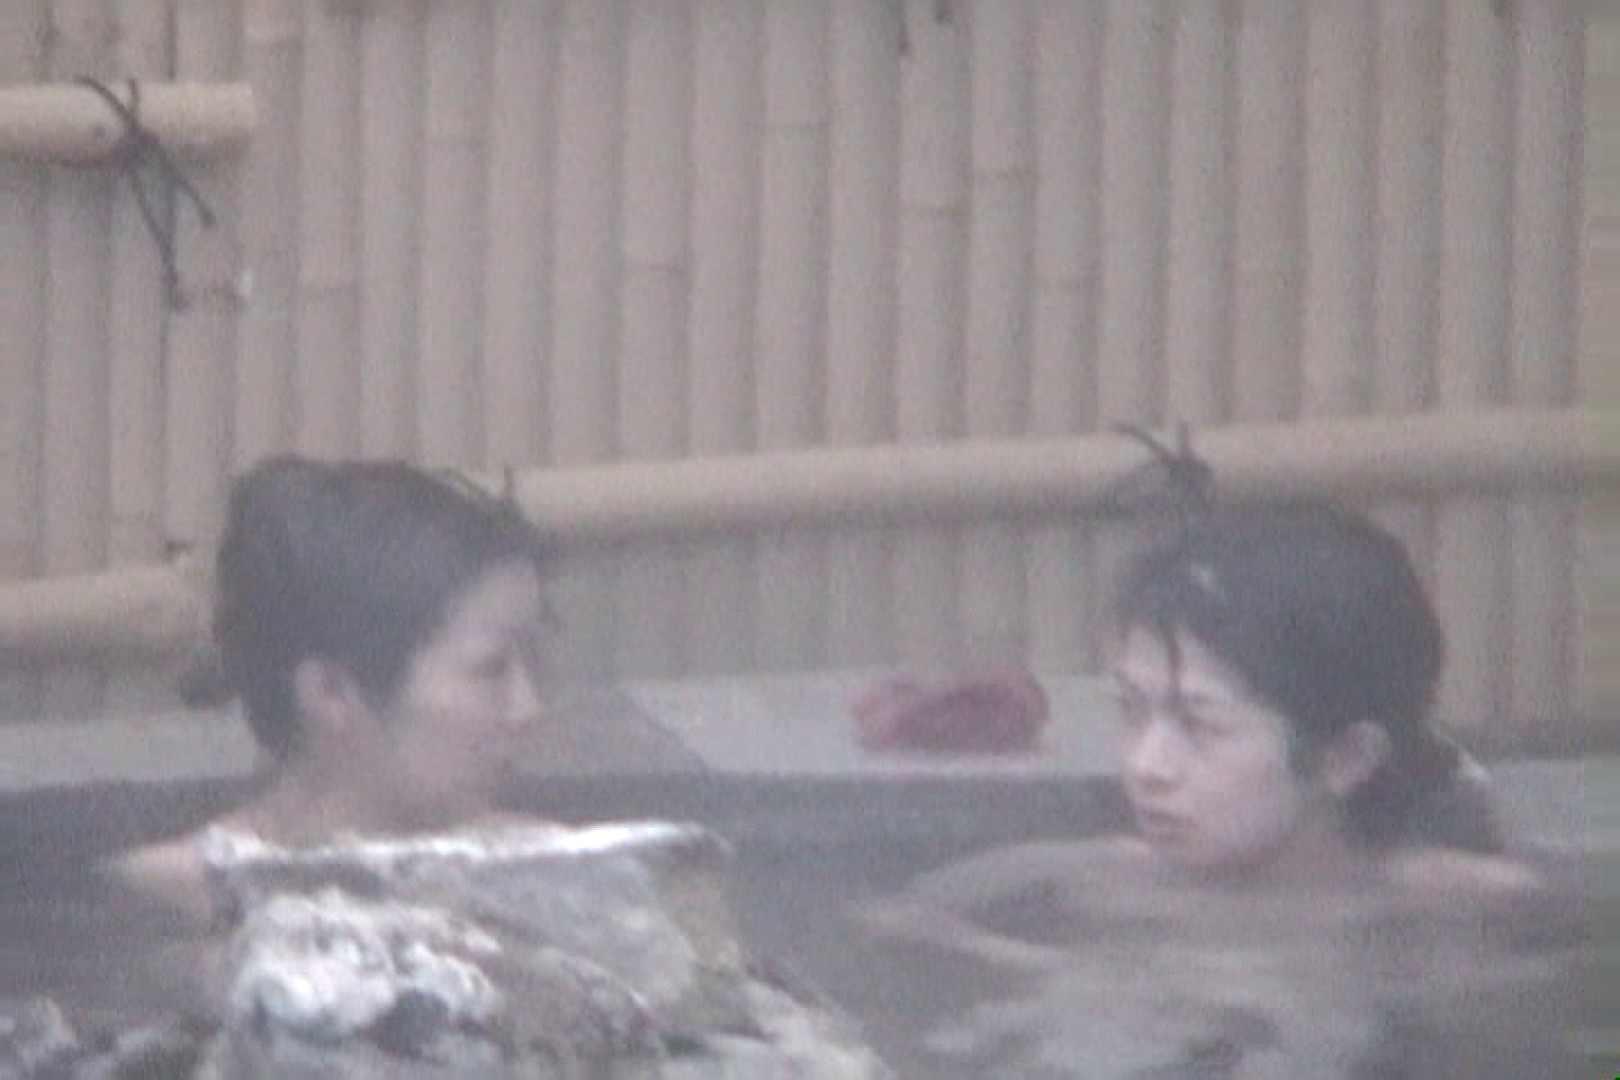 Aquaな露天風呂Vol.82【VIP限定】 盗撮 | 露天  87pic 4